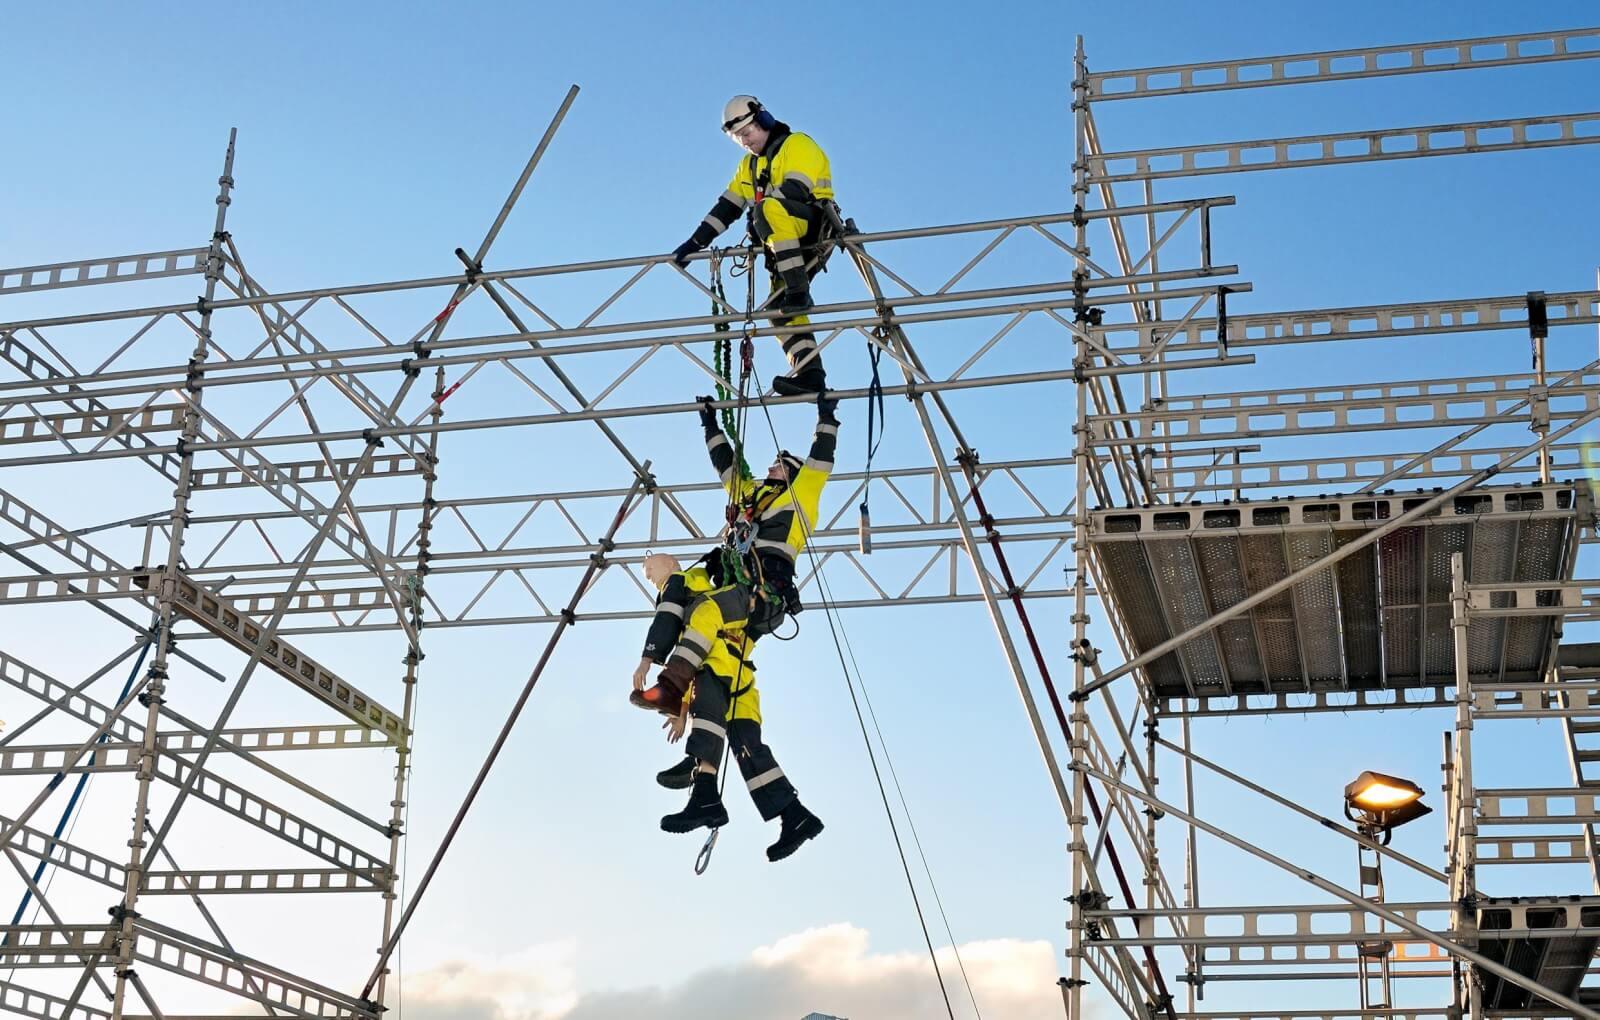 Работы повышенной опасности, что это, как они организуются, как оформляется допуск